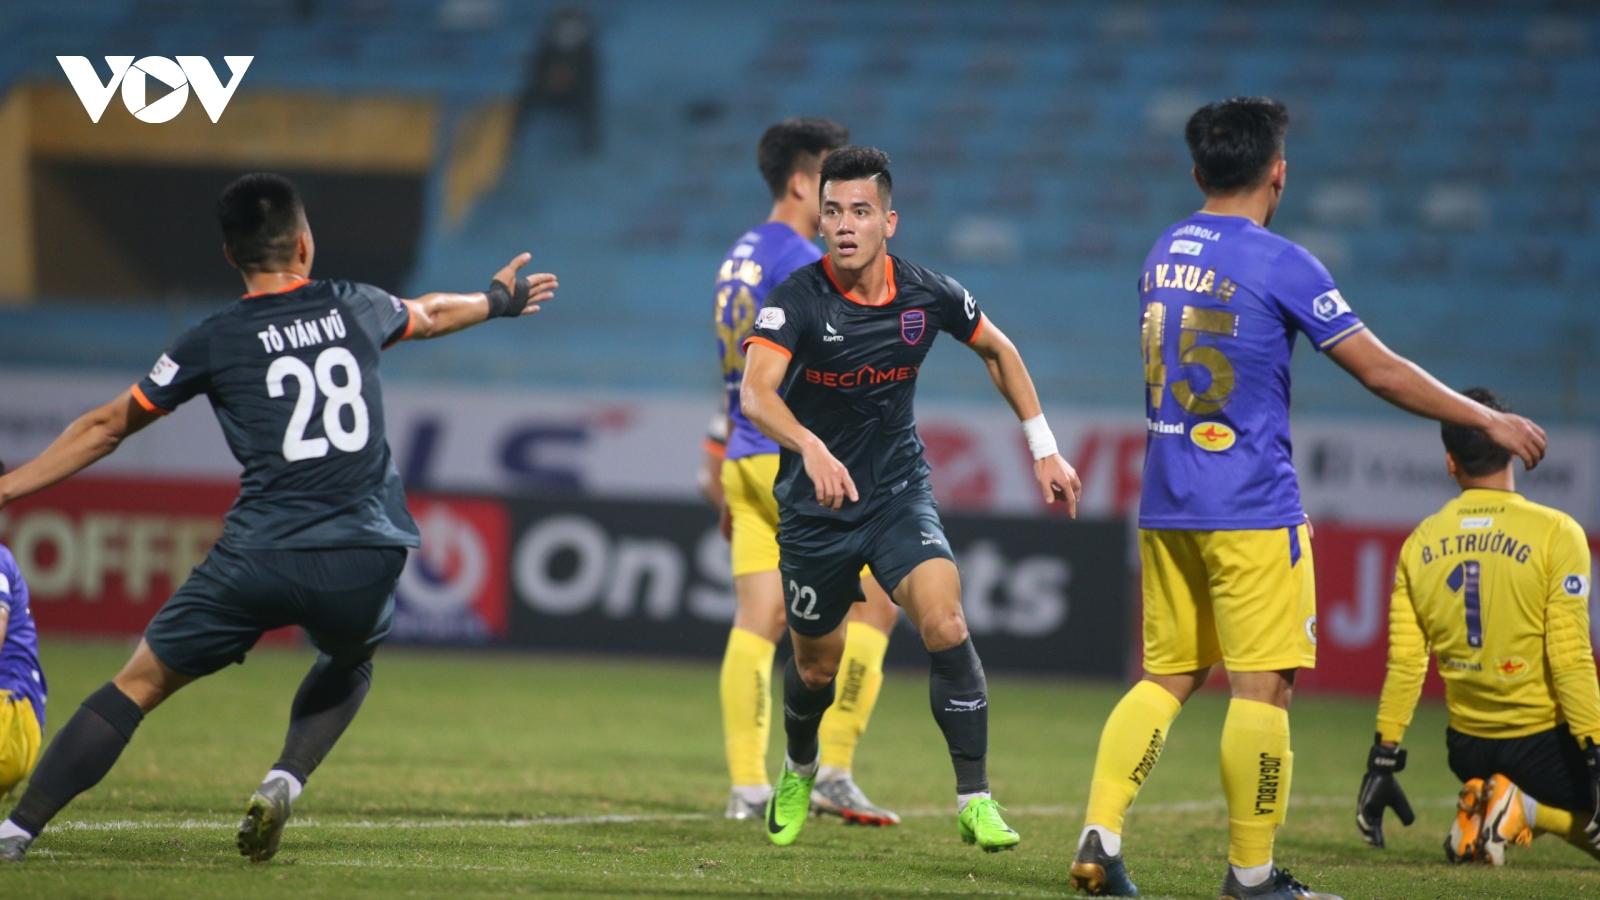 Tiến Linh khai hỏa, Bình Dương lội ngược dòng thắng Hà Nội FC